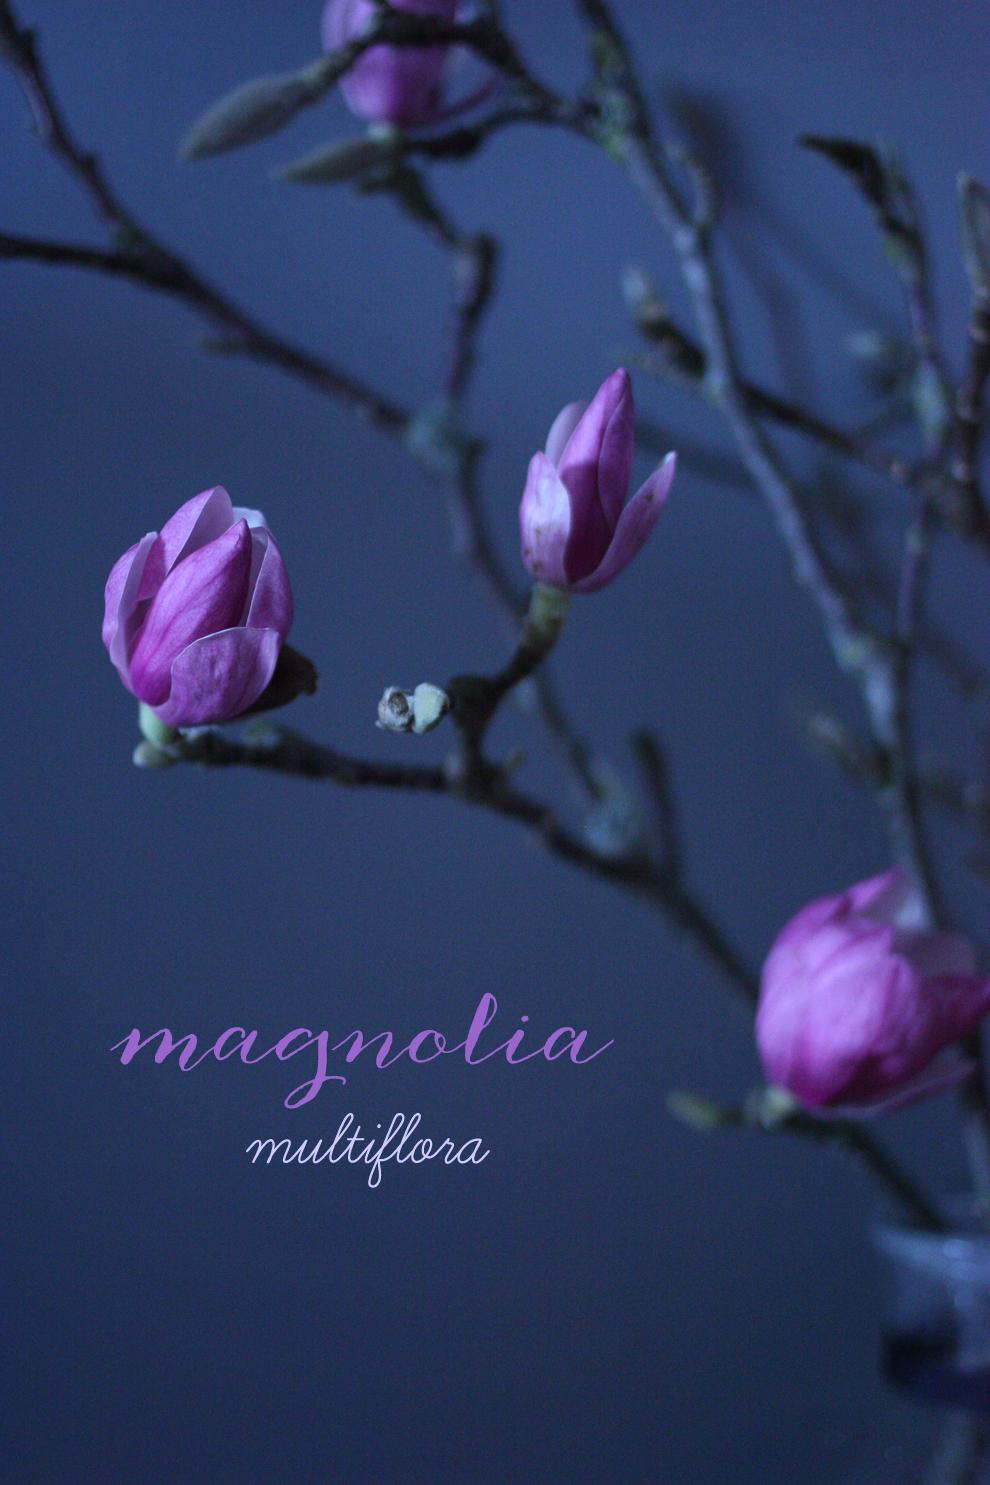 Magnolia_multiflora_blog